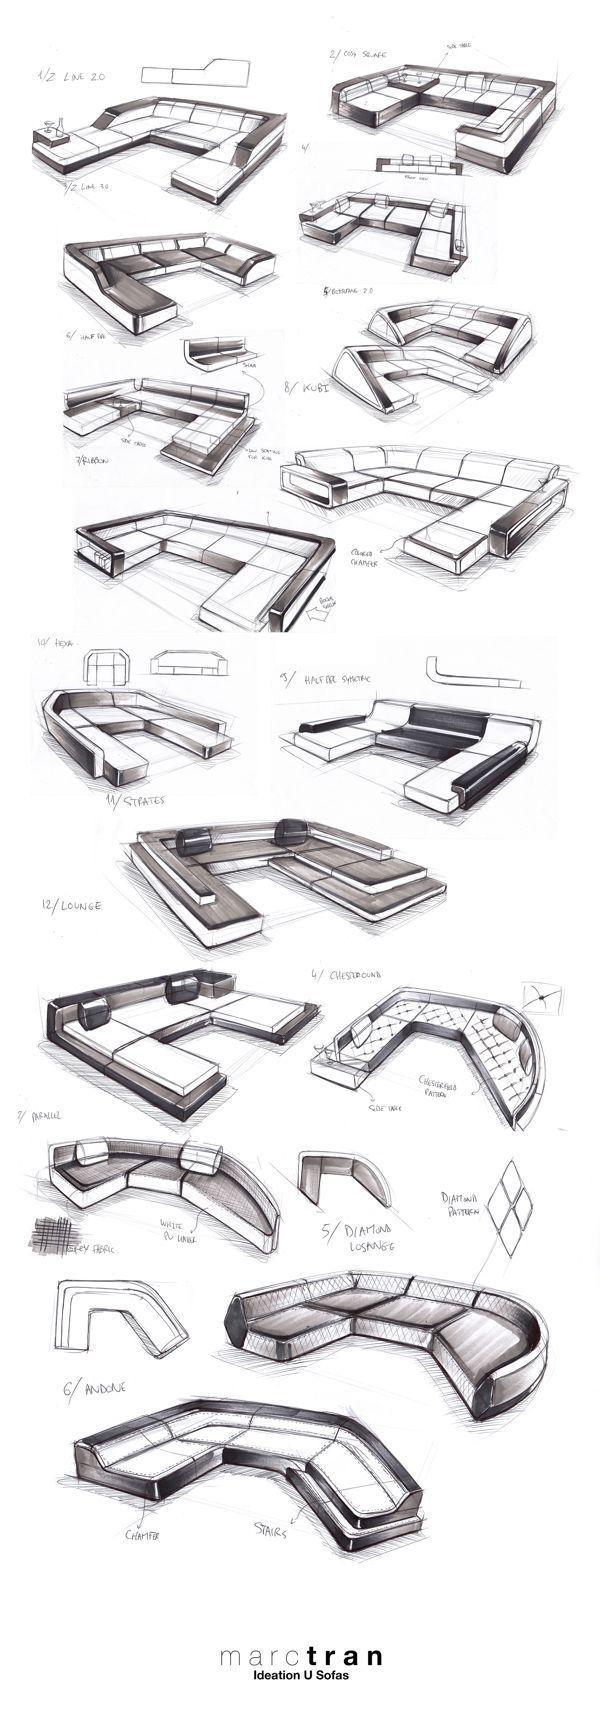 63 best product design sketches images on pinterest product design sketching product sketch for Sofa design sketch